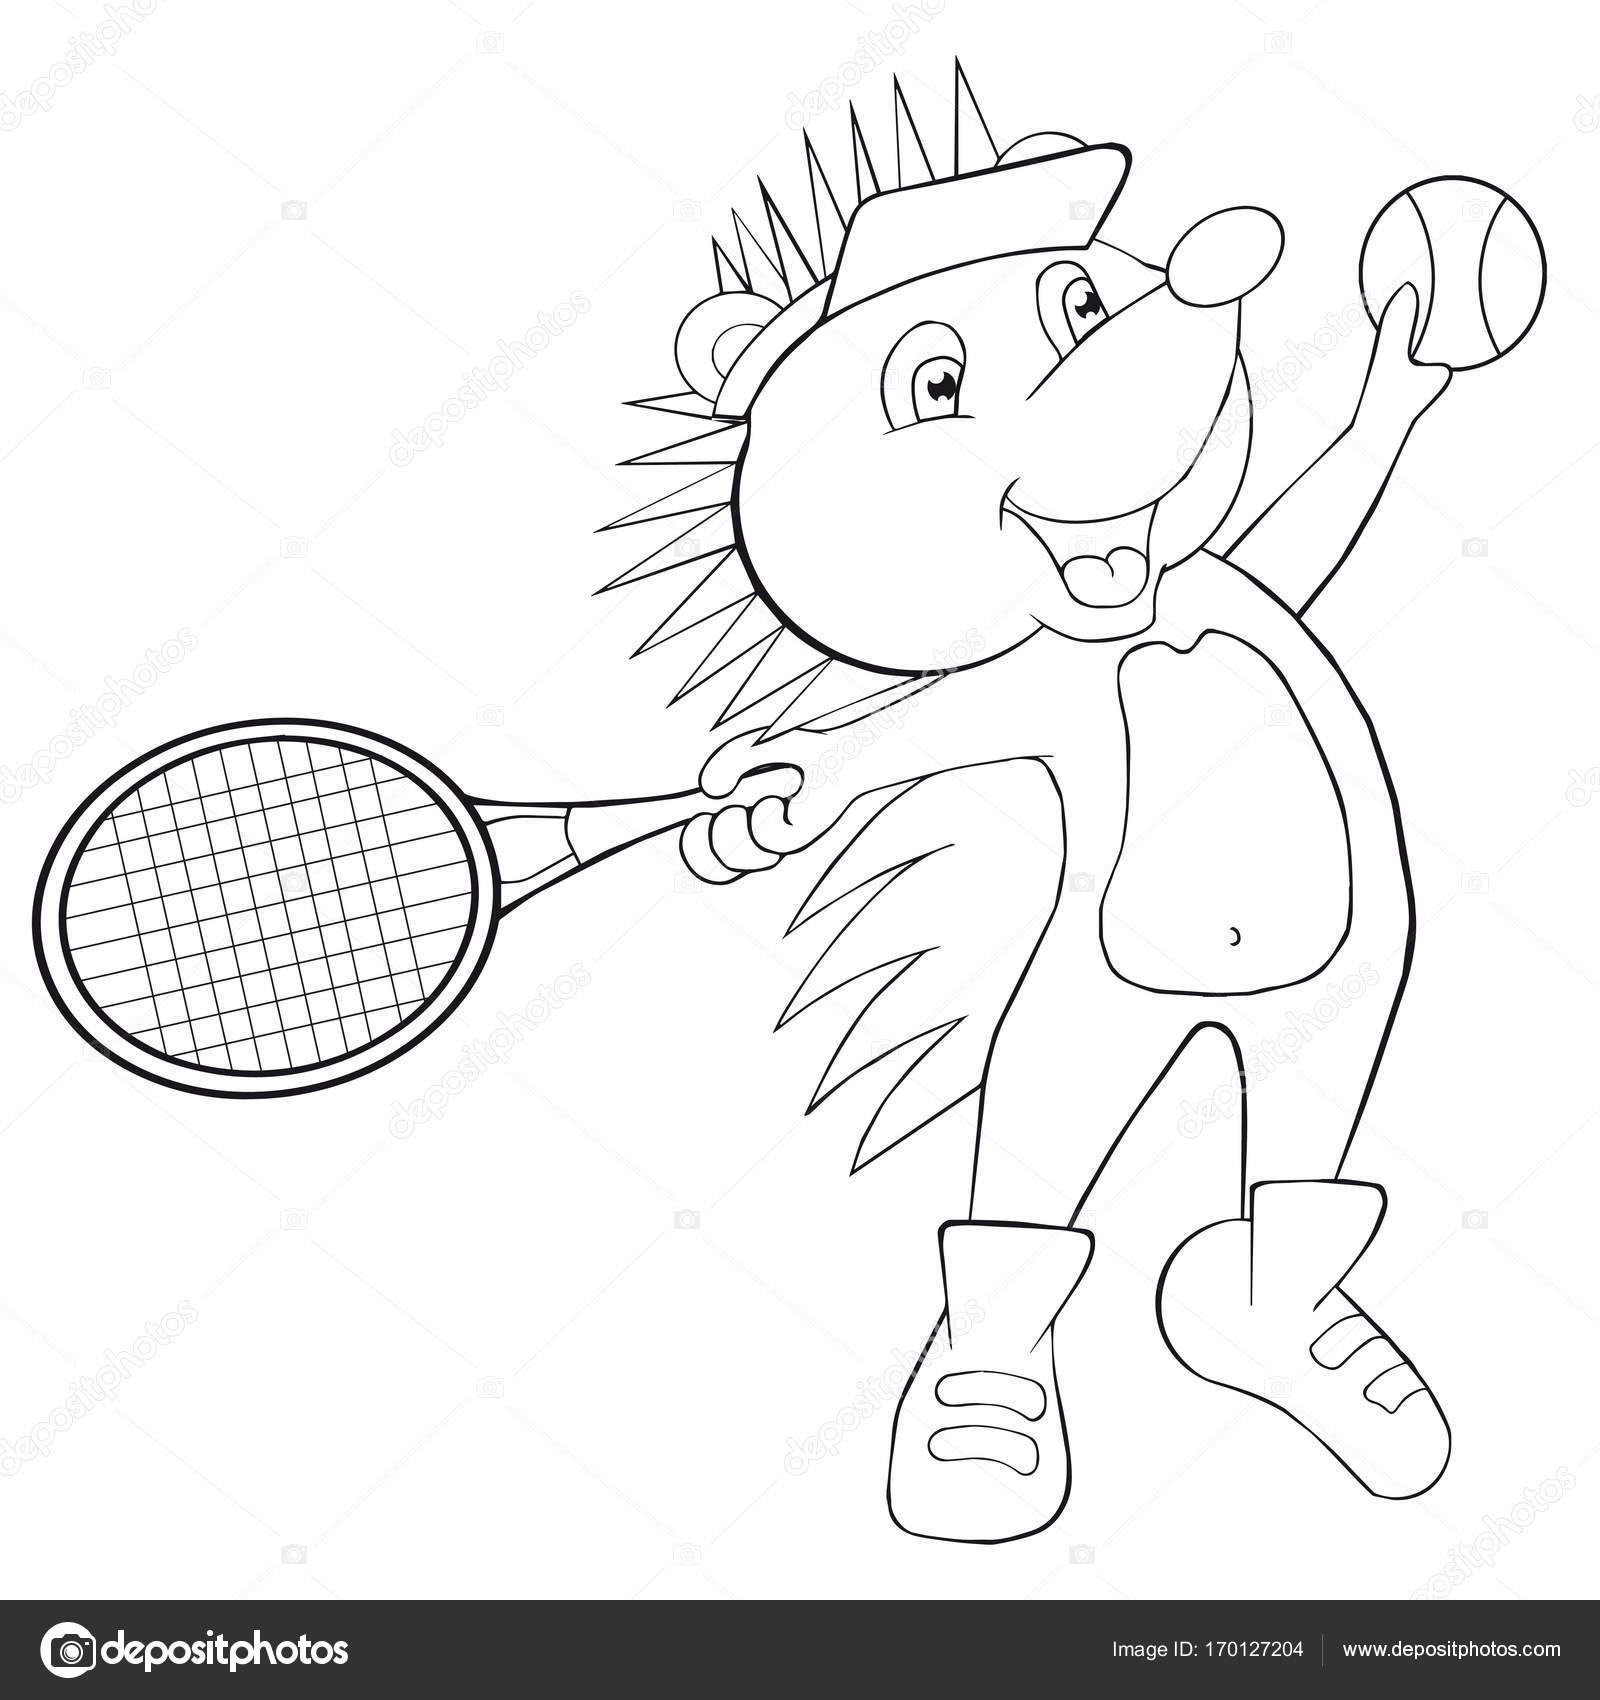 erizo de libro para colorear juega al tenis estilo de dibujos animados archivo imgenes